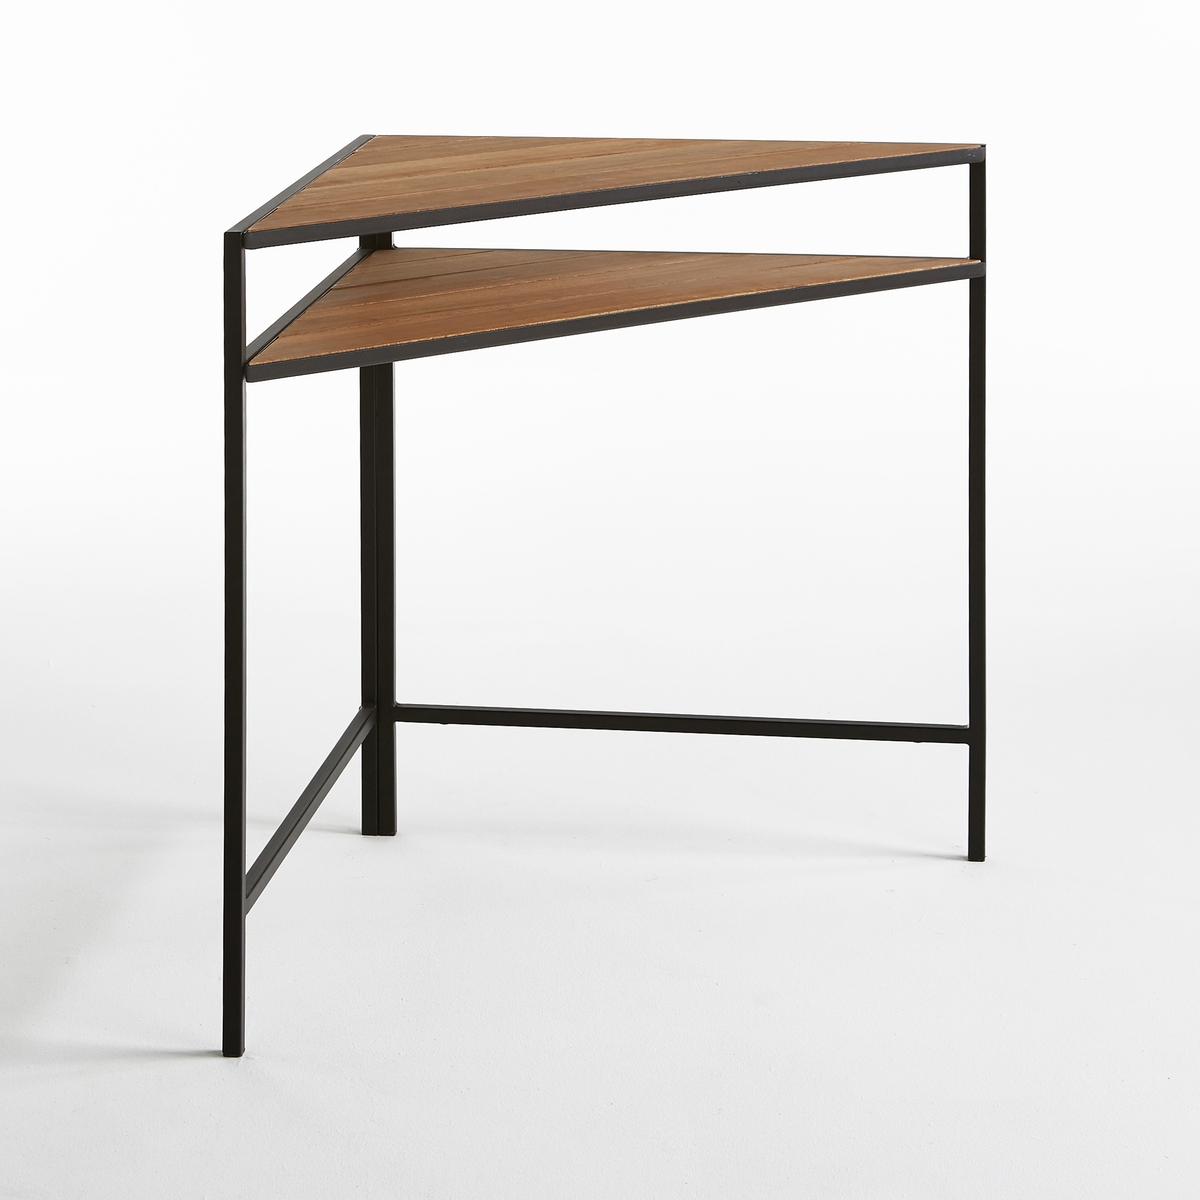 Стол садовый угловой из металла и акацииЭта модель углового садового стола из металла и акации удобно разместится как на балконе или террасе, так и в саду.  Описание углового садового стола:2 этажерки регулируются в 3 положения (2 сверху и 1 снизу).Характеристики углового садового стола:выполнен из металла с покрытием эпоксидной краской и акации с масляным покрытием.Размеры углового садового стола:Длина: 61,5 см.Высота: 75,3 см.Глубина: 61,5 см.Размеры и вес коробки:1 коробкаД. 80 x В. 12 x Ш. 72 см10 кгДоставка:Данная модель стола требует самостоятельной сборки. Доставка осуществляется до квартиры!Внимание! Убедитесь в том, что посылку возможно доставить на дом, учитывая ее габариты.<br><br>Цвет: акация<br>Размер: единый размер